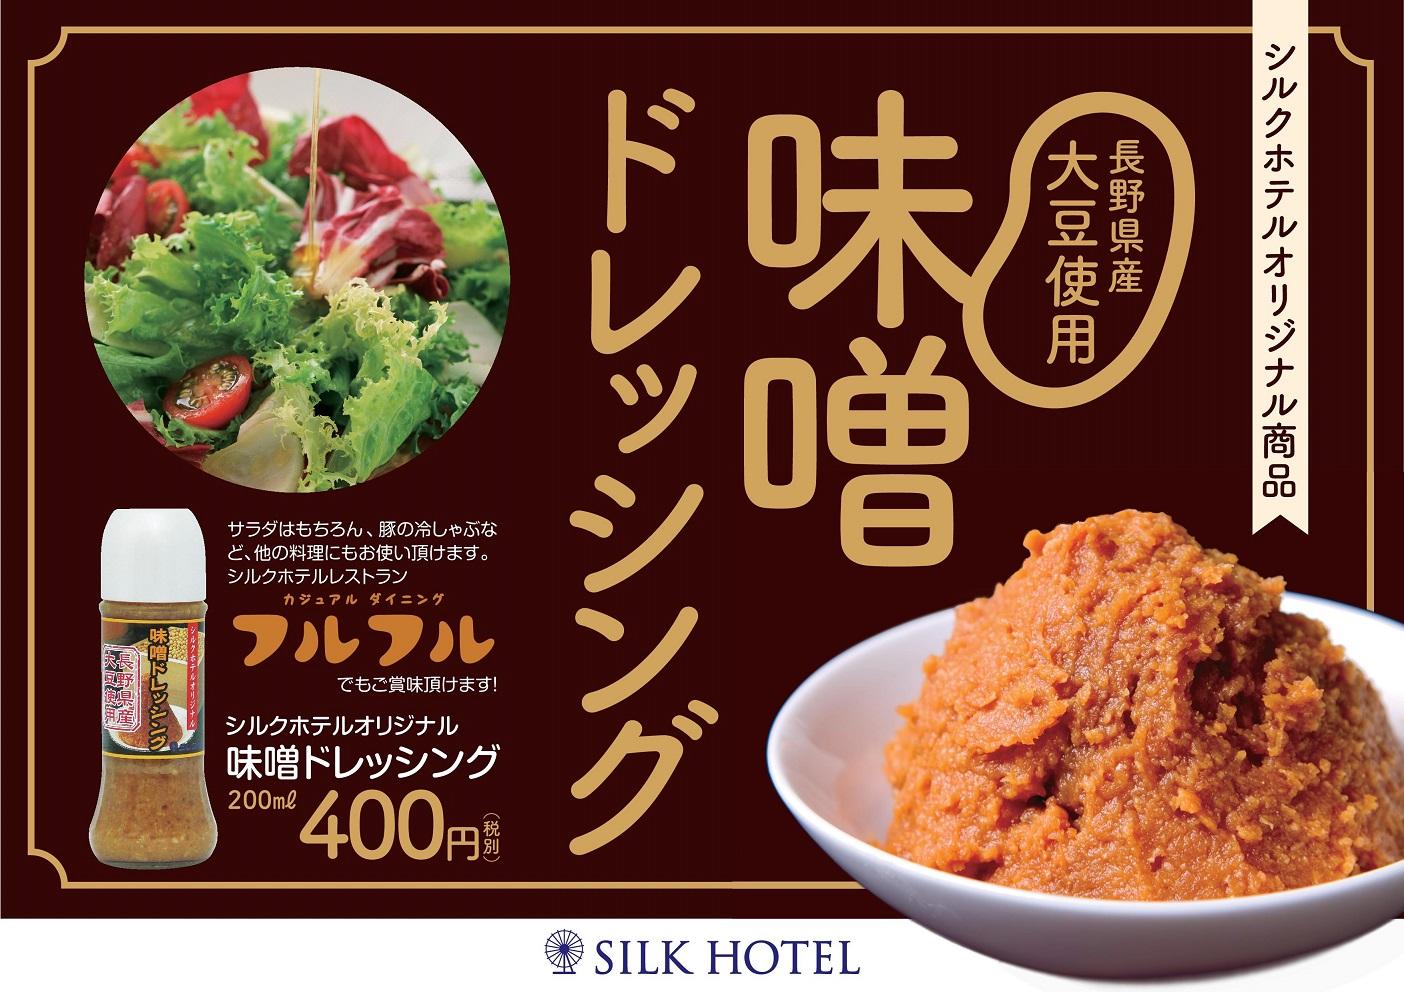 大好評!!「ホテルオリジナル味噌ドレッシング」を販売します!